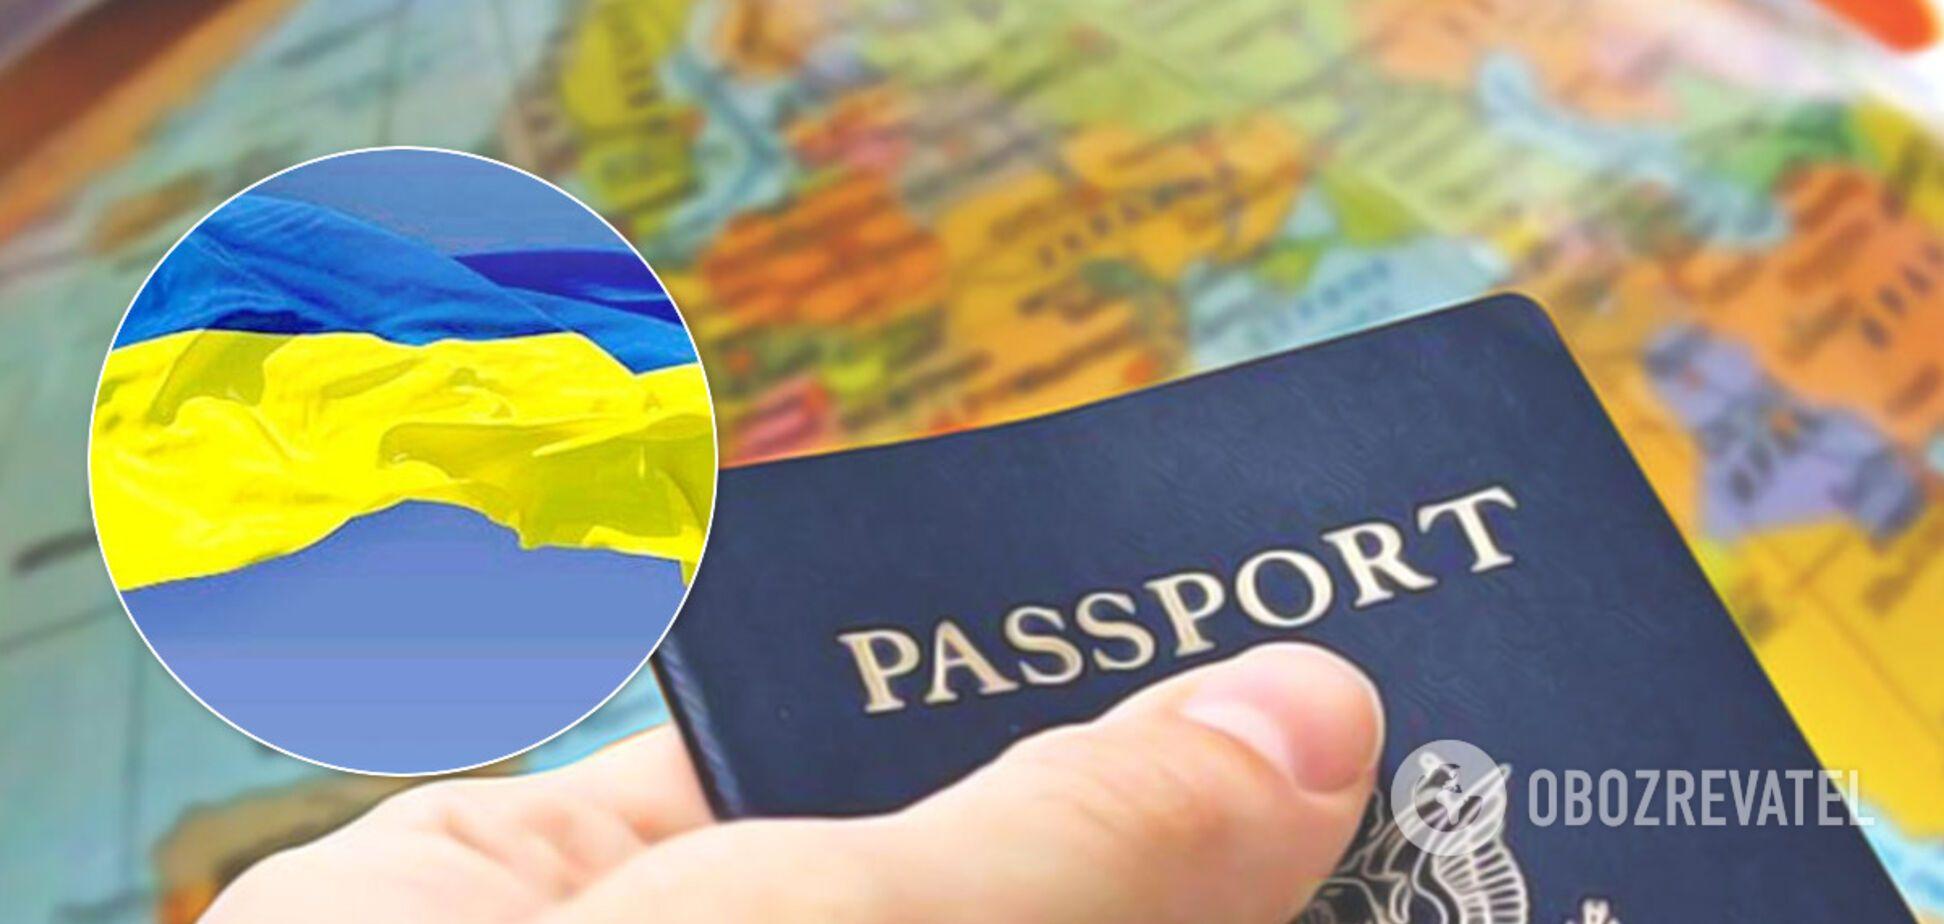 Україна відмінить візи для 6 країн: бюджет втрачатиме біля $1,2 млн щороку